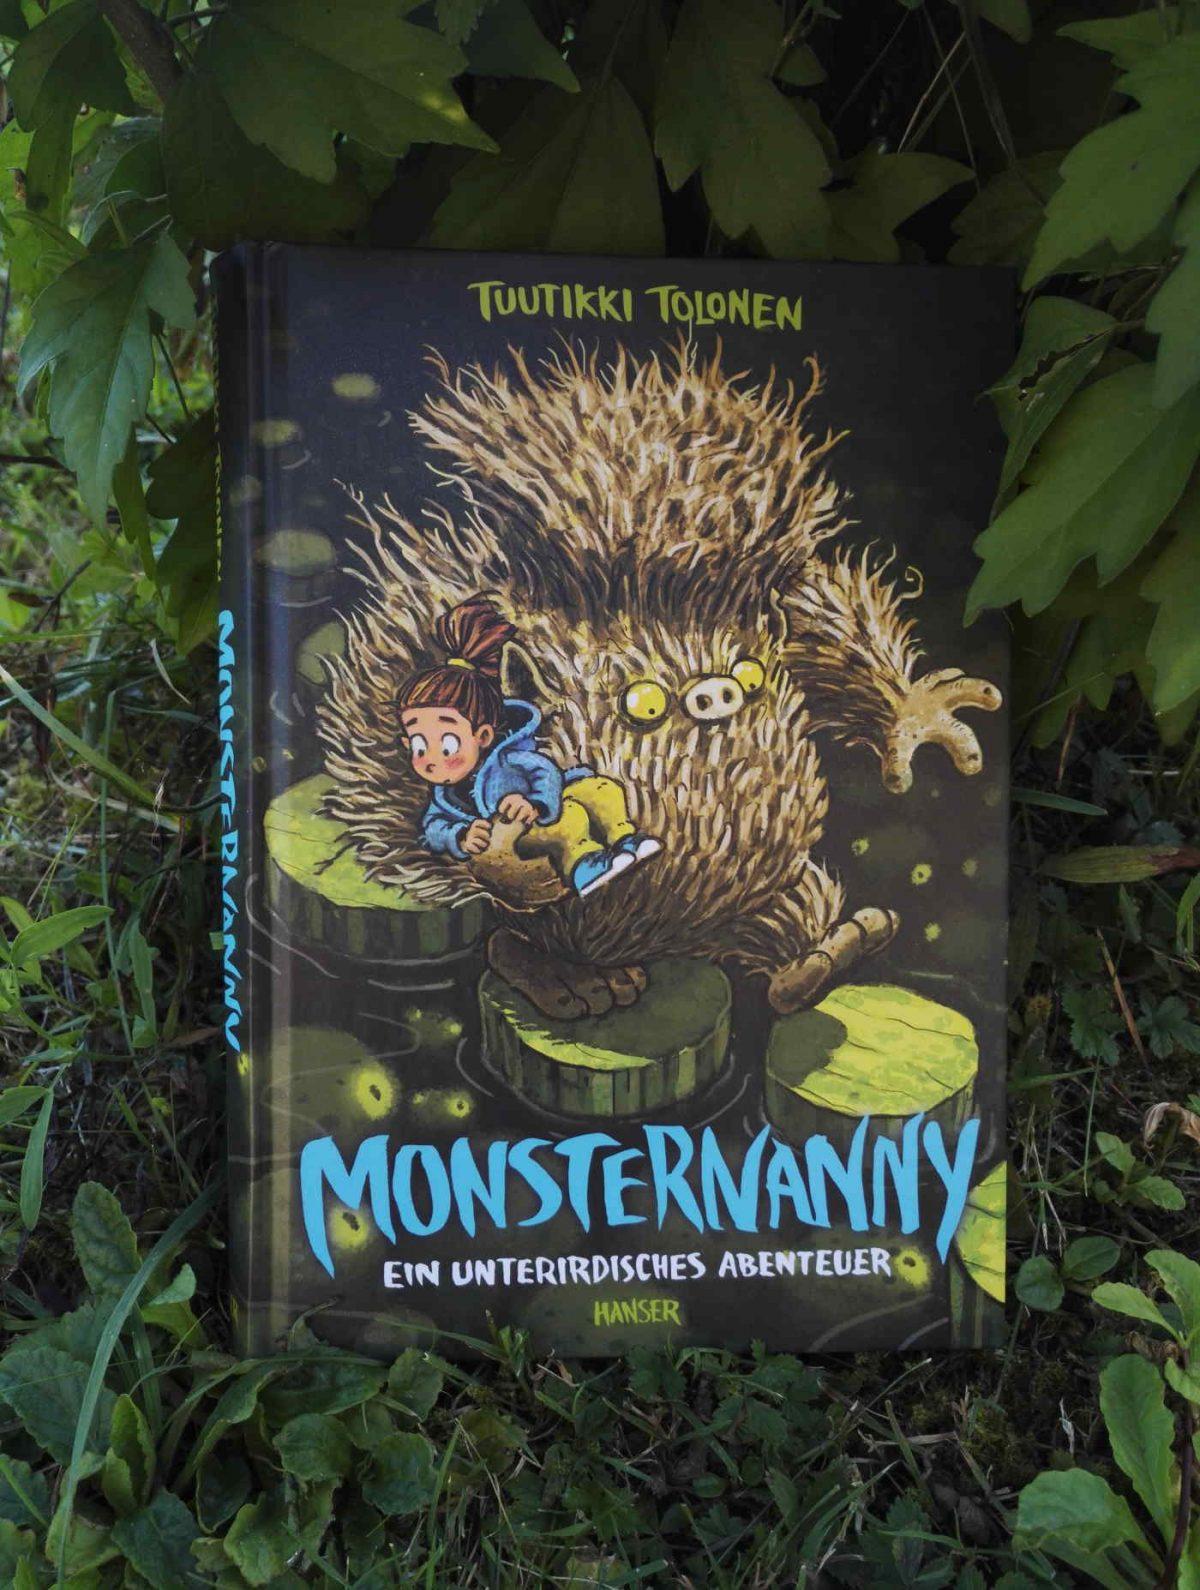 Tuutikki Talonen Monsternanny Ein unterirdisches Abenteuer Buchempfehlung Buchtipp genailes Kinderbuch Kinderbuchblog Brigitte Wallinger